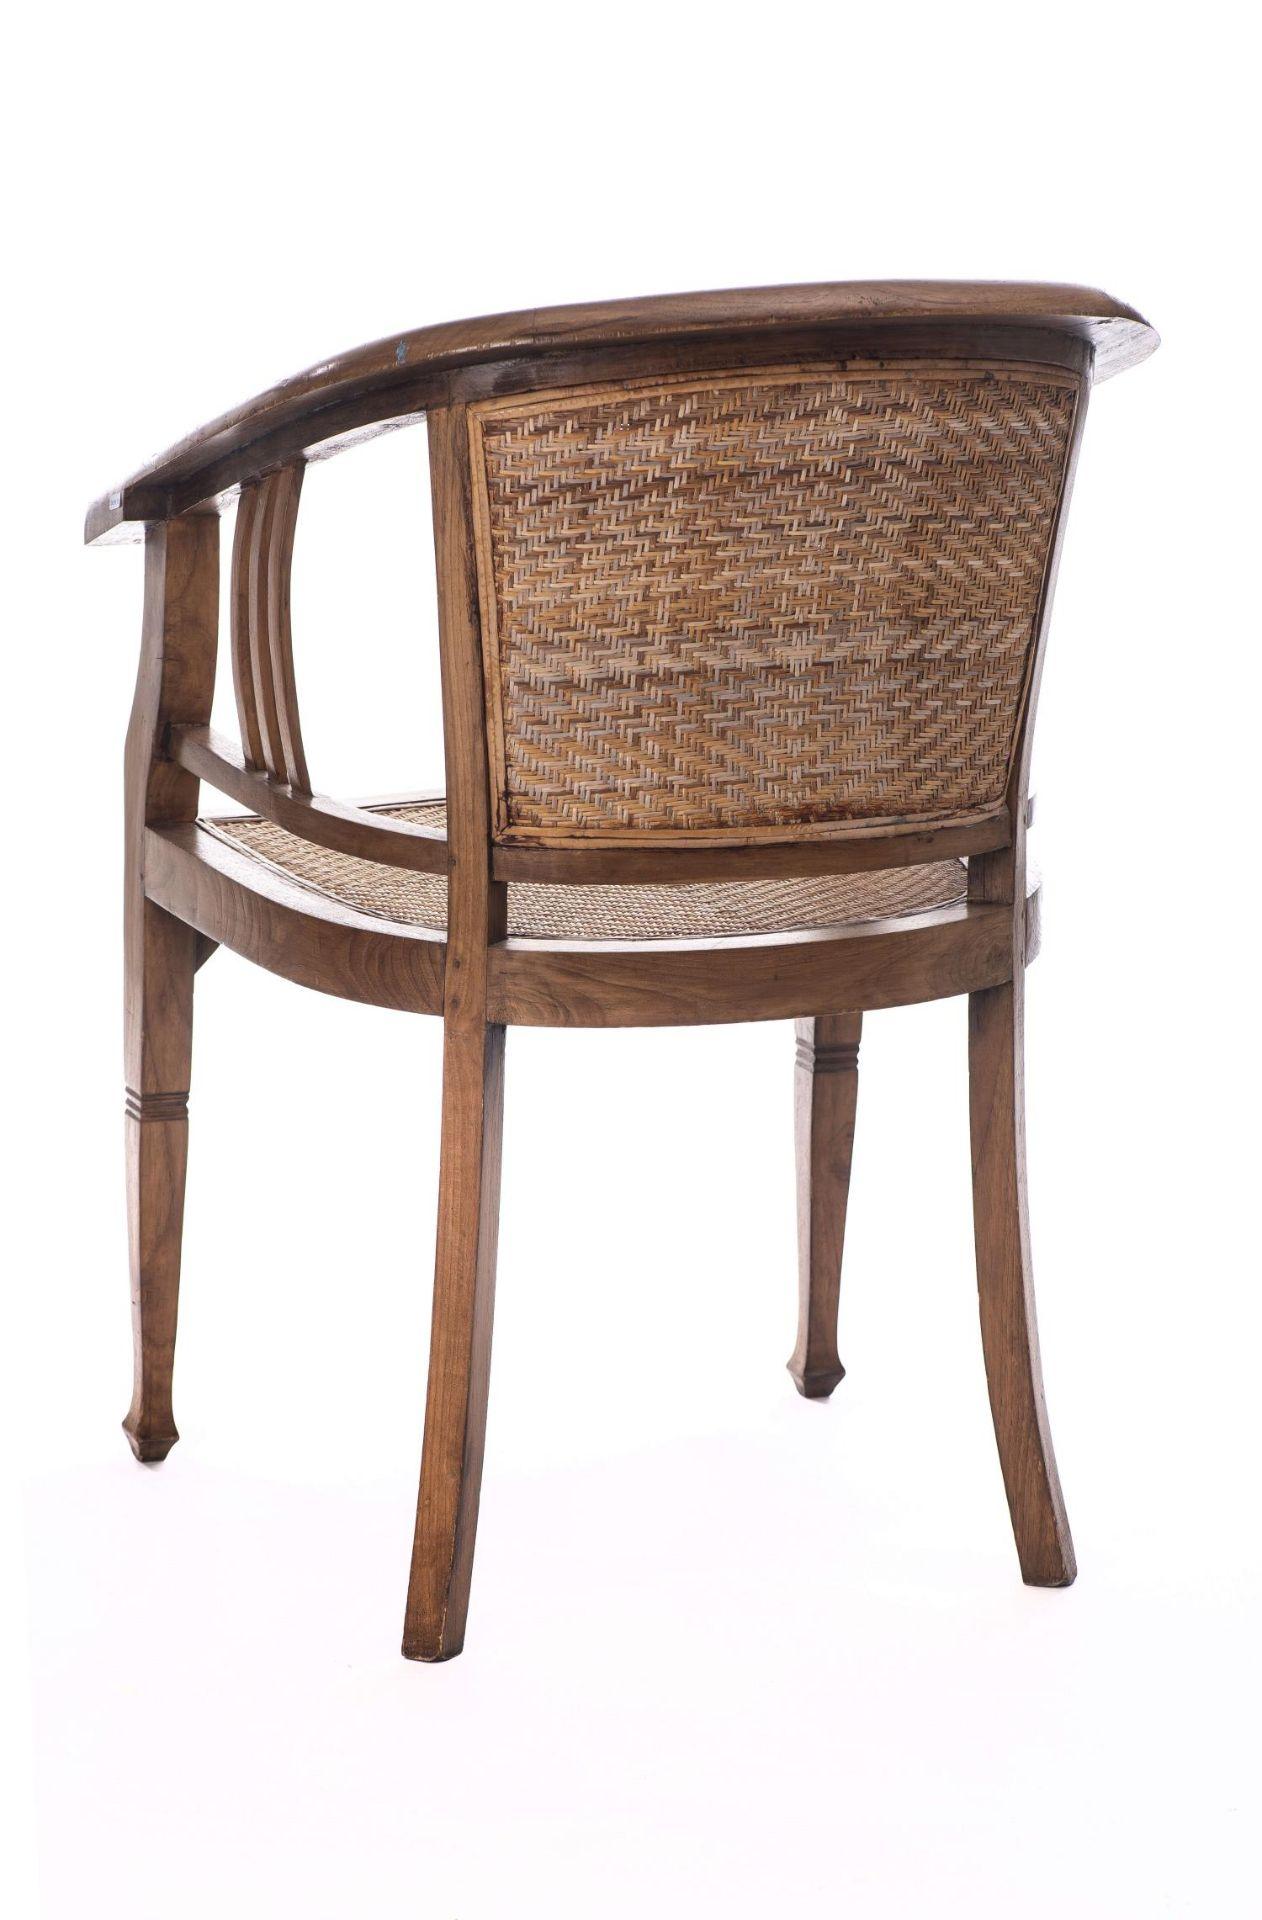 Deux fauteuils et une banquette balinais en Suar teck - Bild 11 aus 15